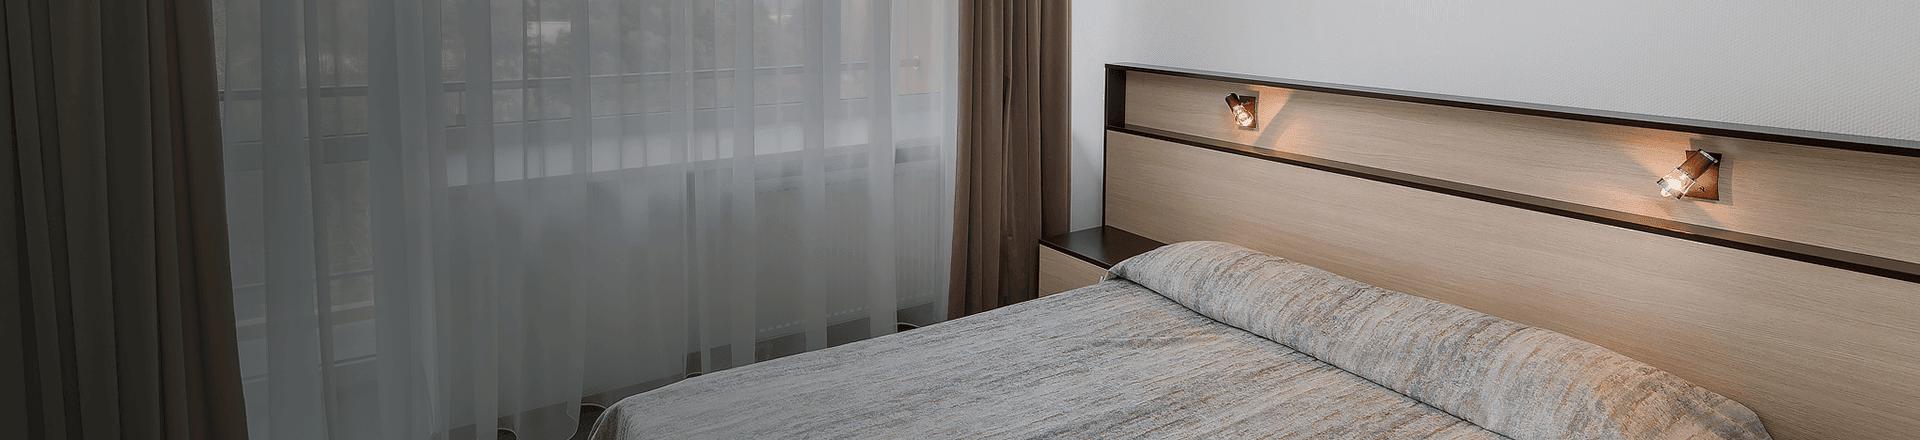 jaukus viesbucio kambarys Druskininkuose